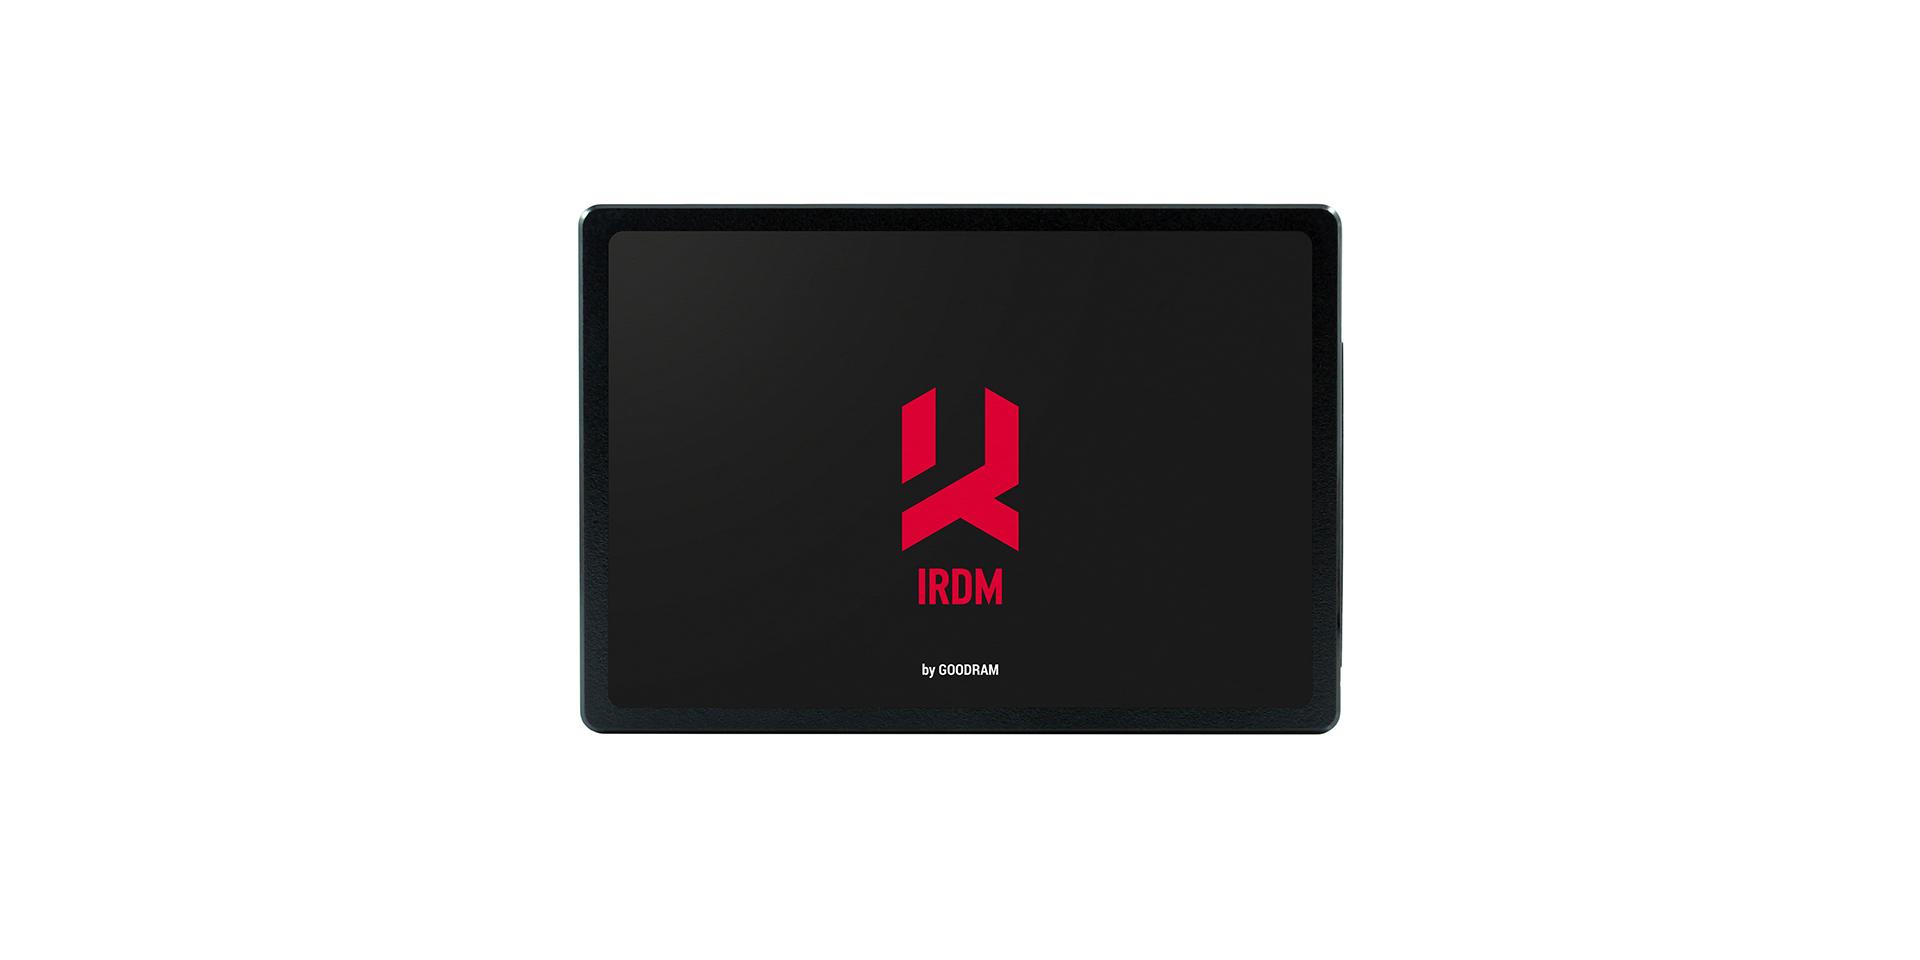 SSD IRDM